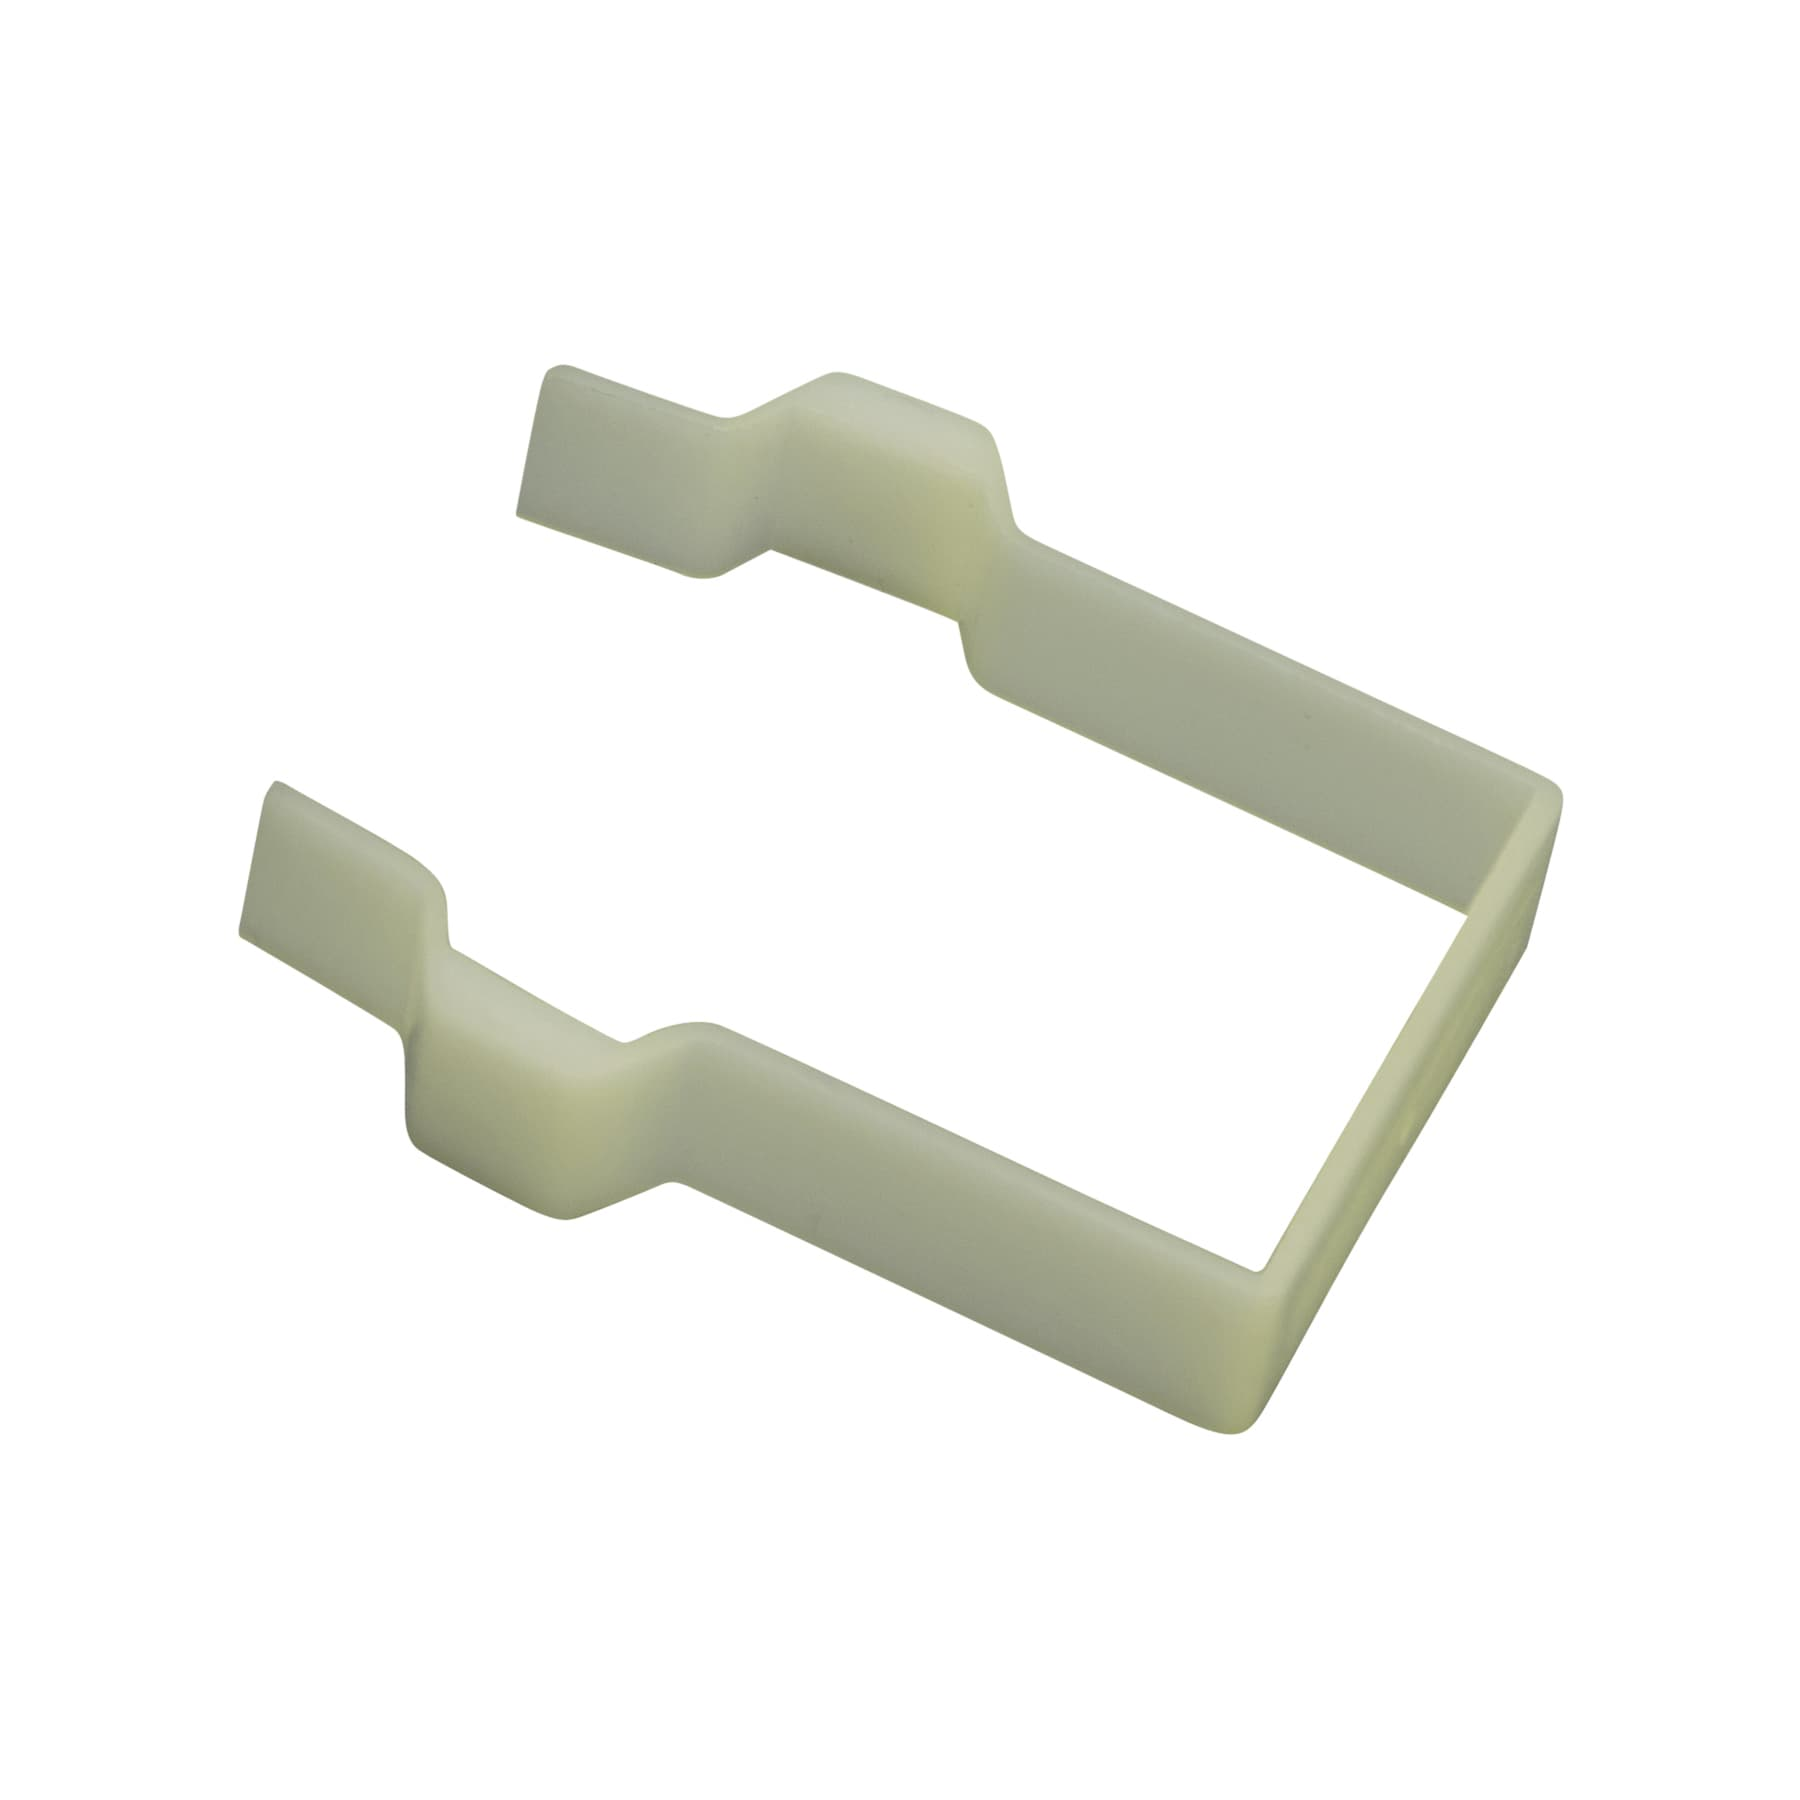 Abstandhalter aus Plastik passen zu Hoffmannrahmen leichte Ausführung, f. Oberträgerbreite  25 mm 100 St.